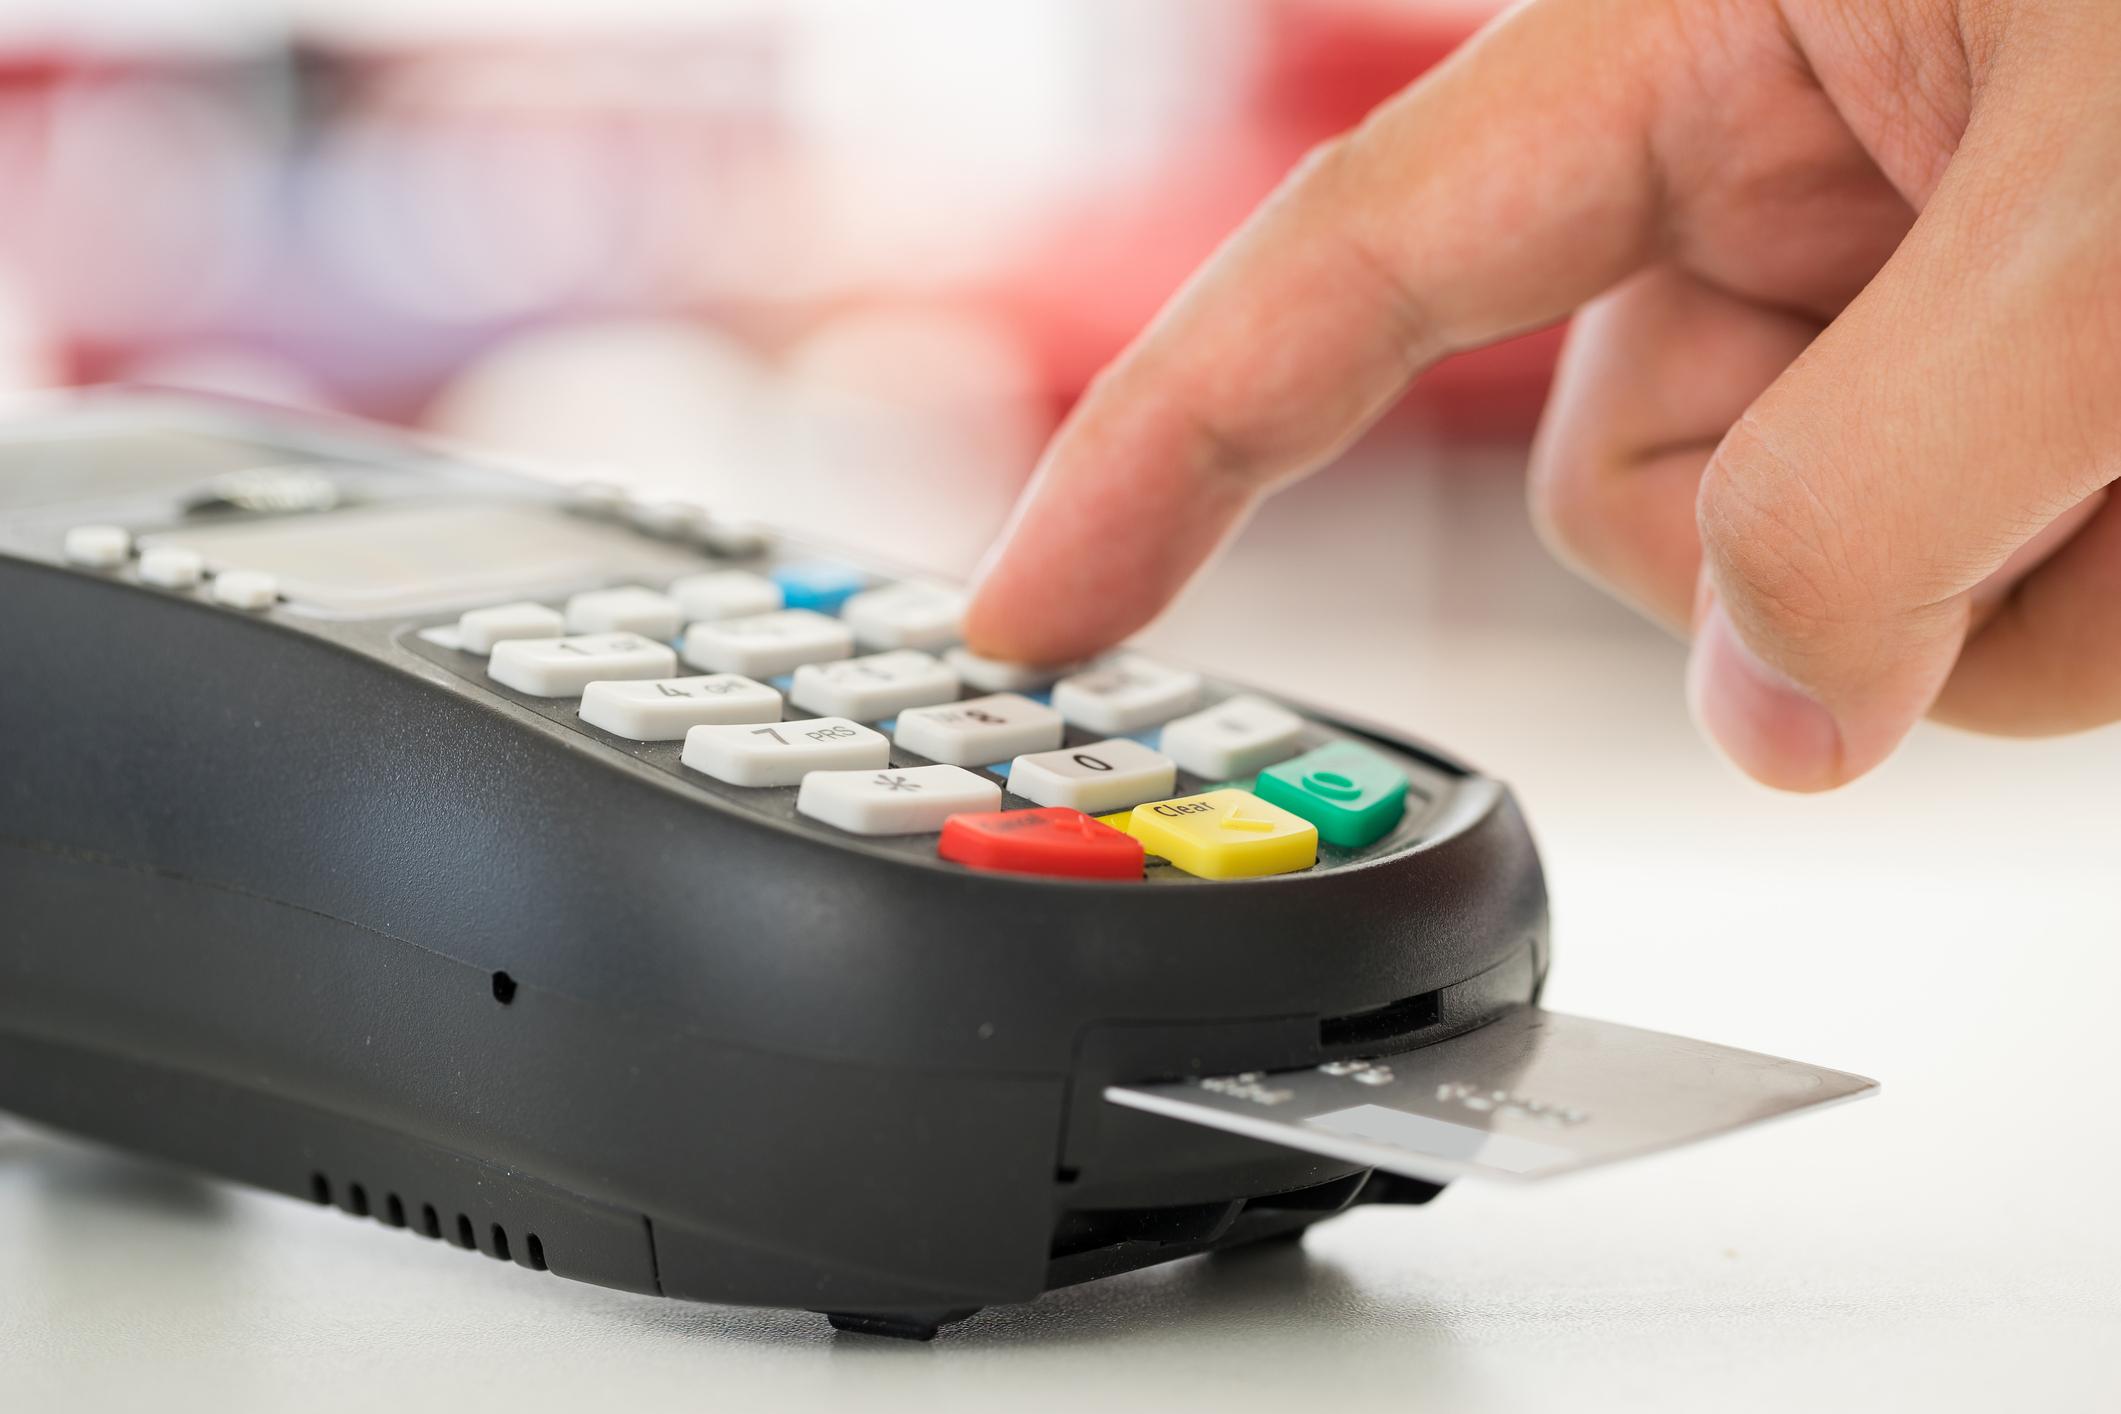 A card in a card-swipe machine